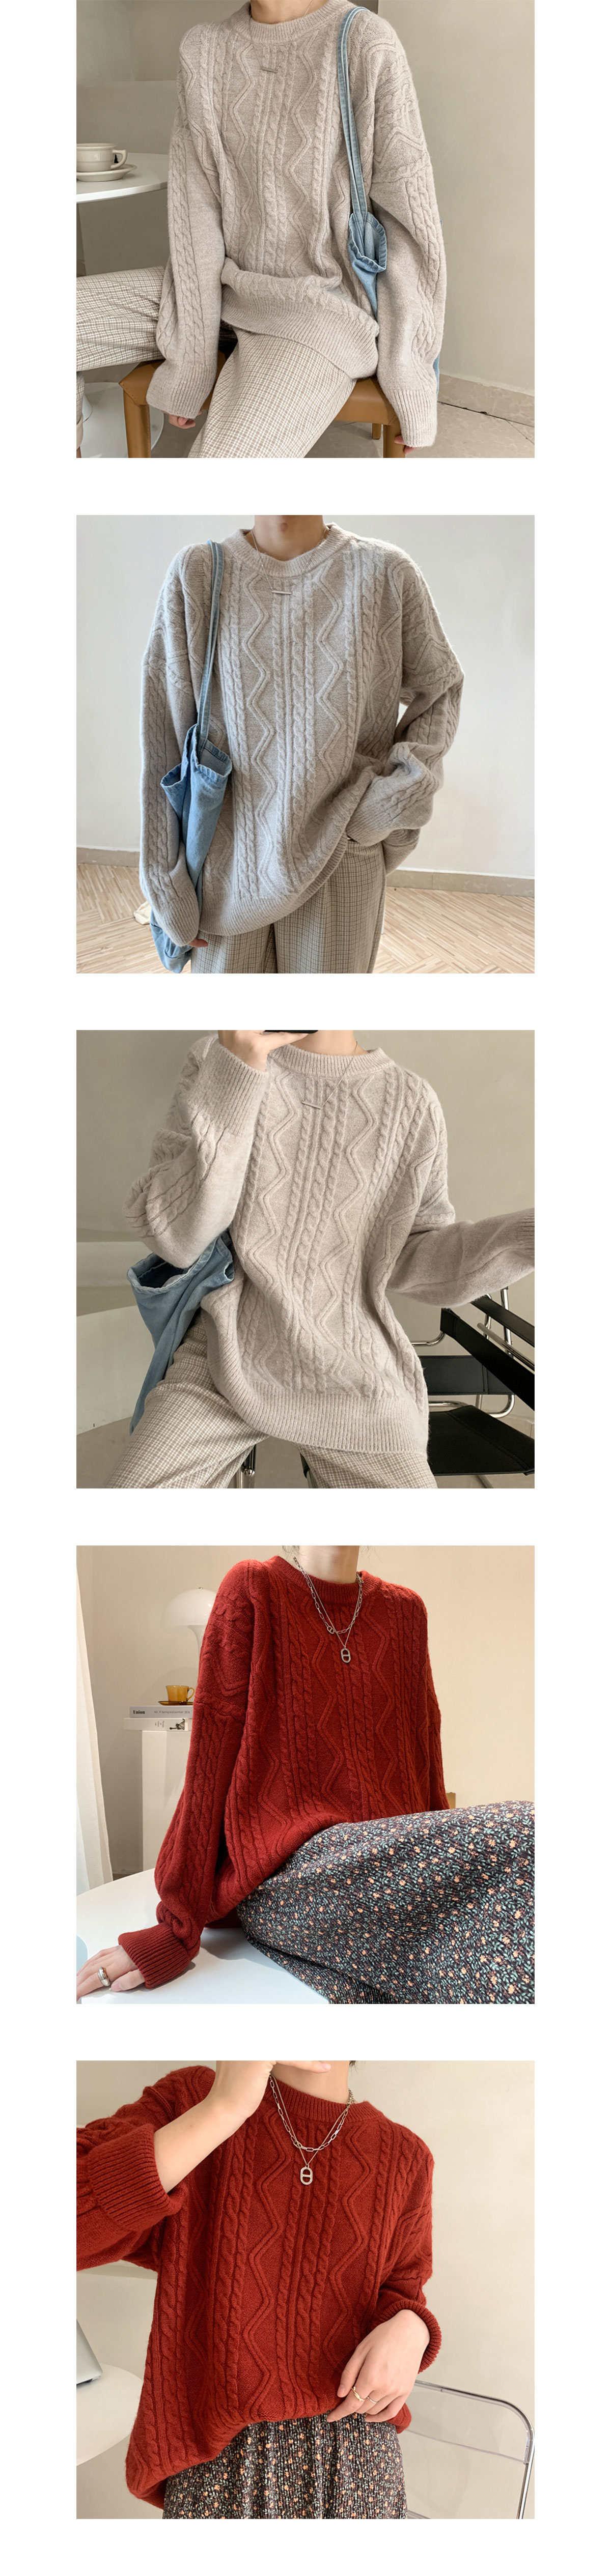 舒適圓領麻花針織長袖上衣